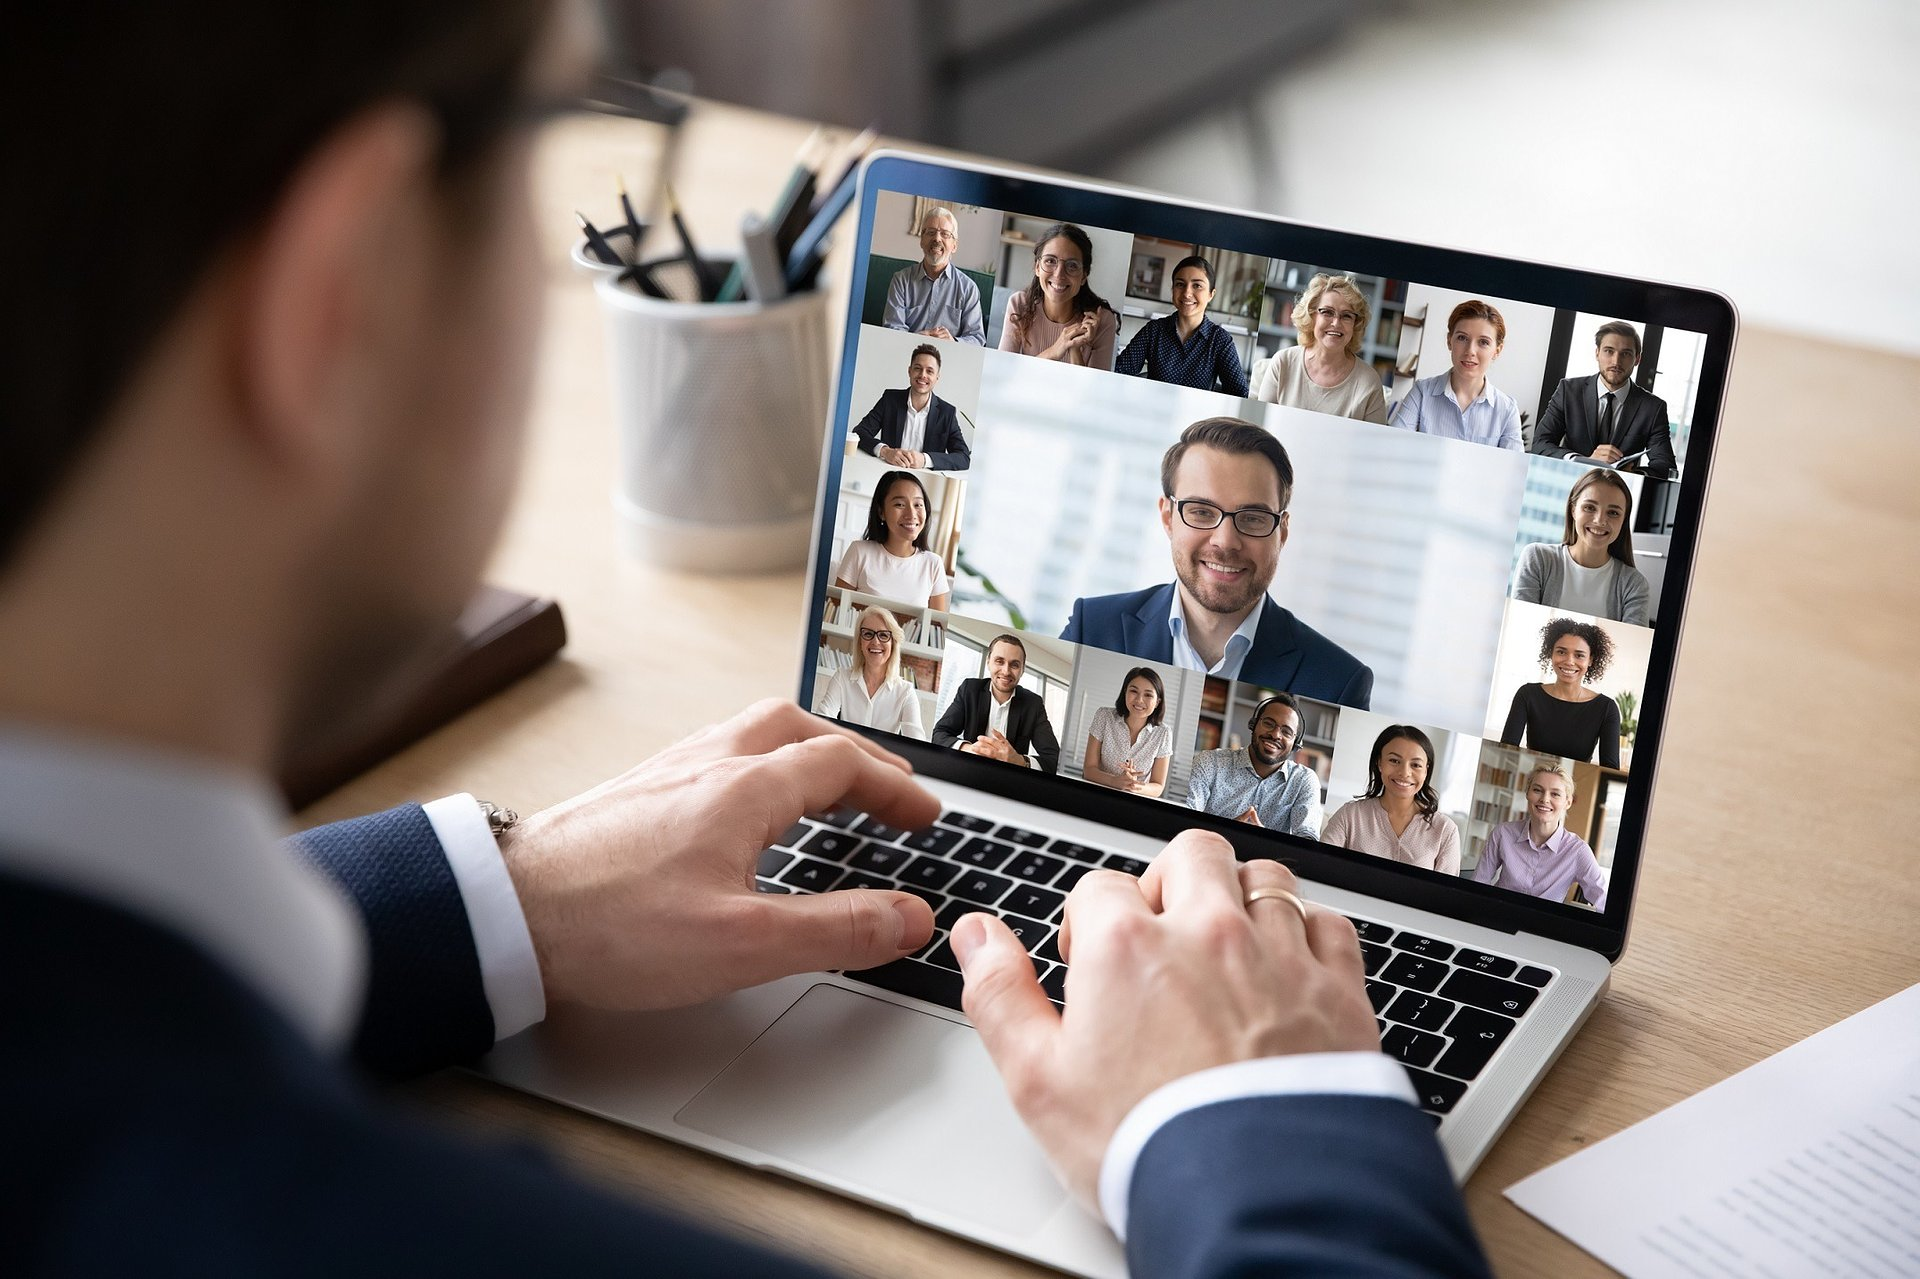 Home Office: jak odpowiednio zarządzać zespołem podczas pracy zdalnej?